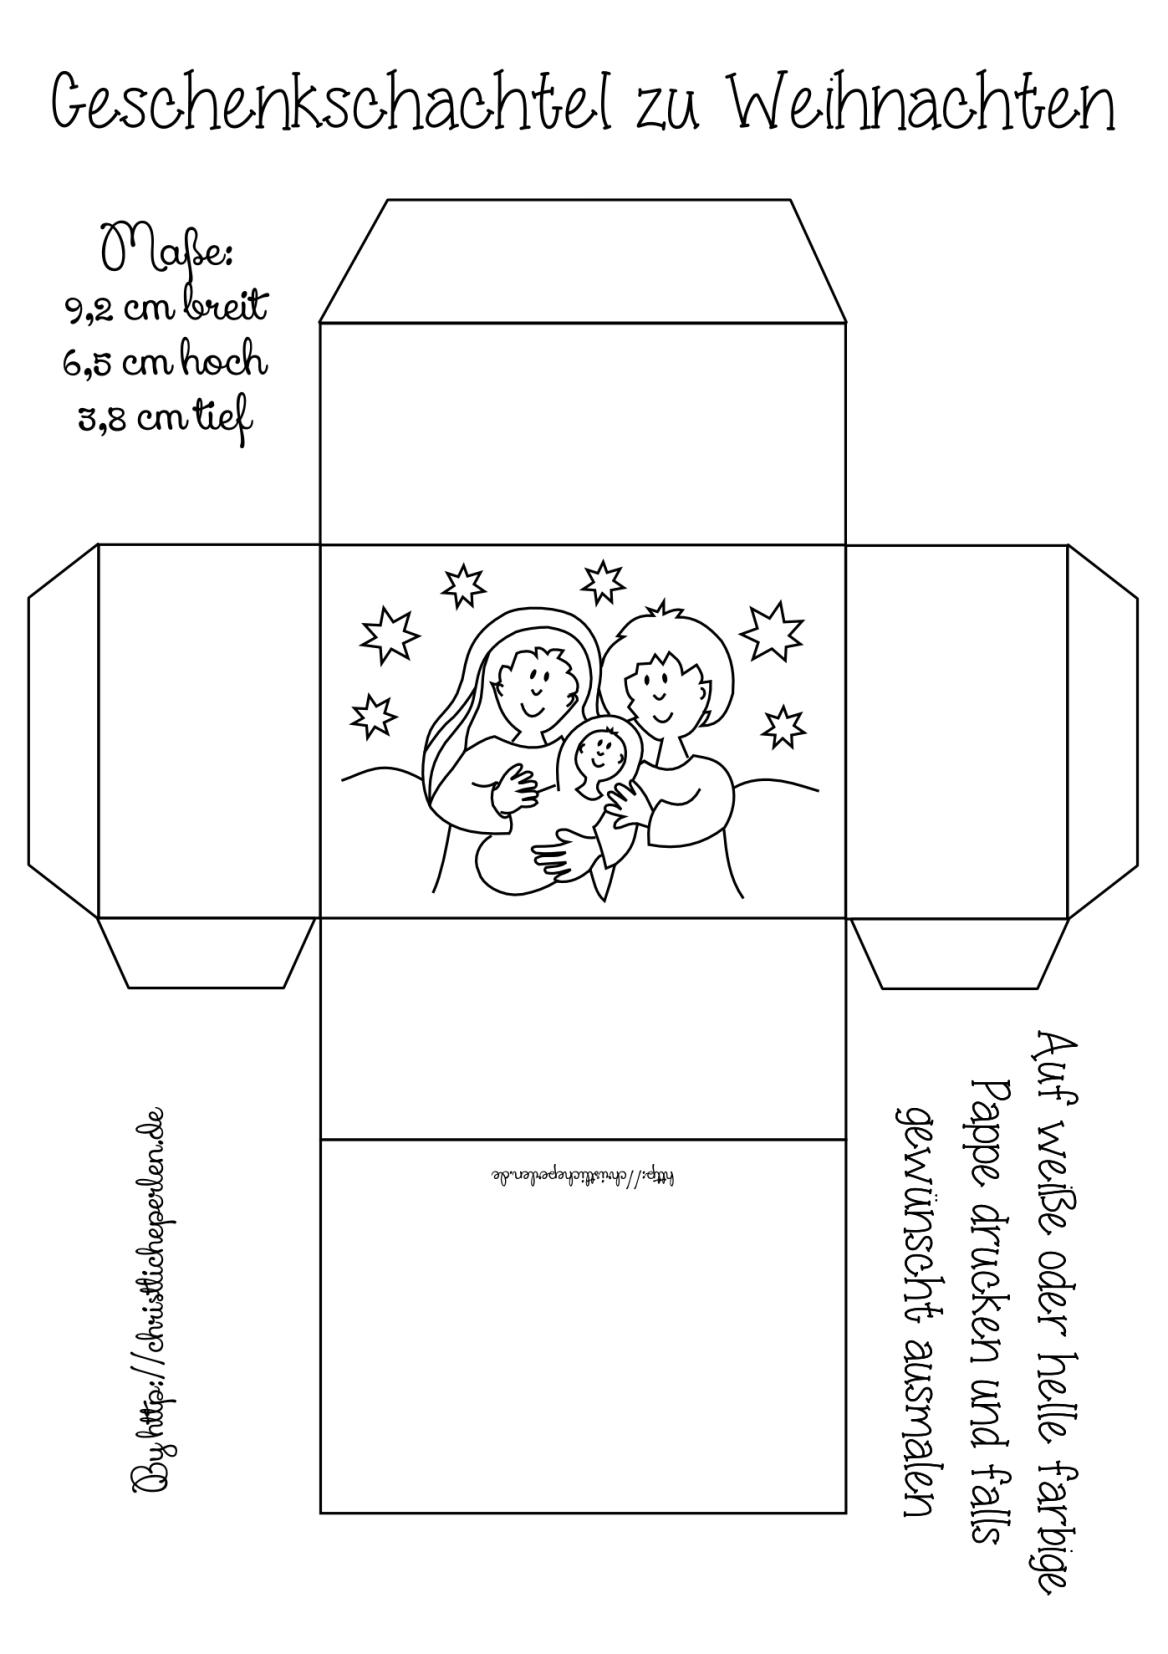 Adventskalender | Christliche Perlen | Weihnachten Basteln ganzes Weihnachtsdeko Basteln Vorlagen Kostenlos